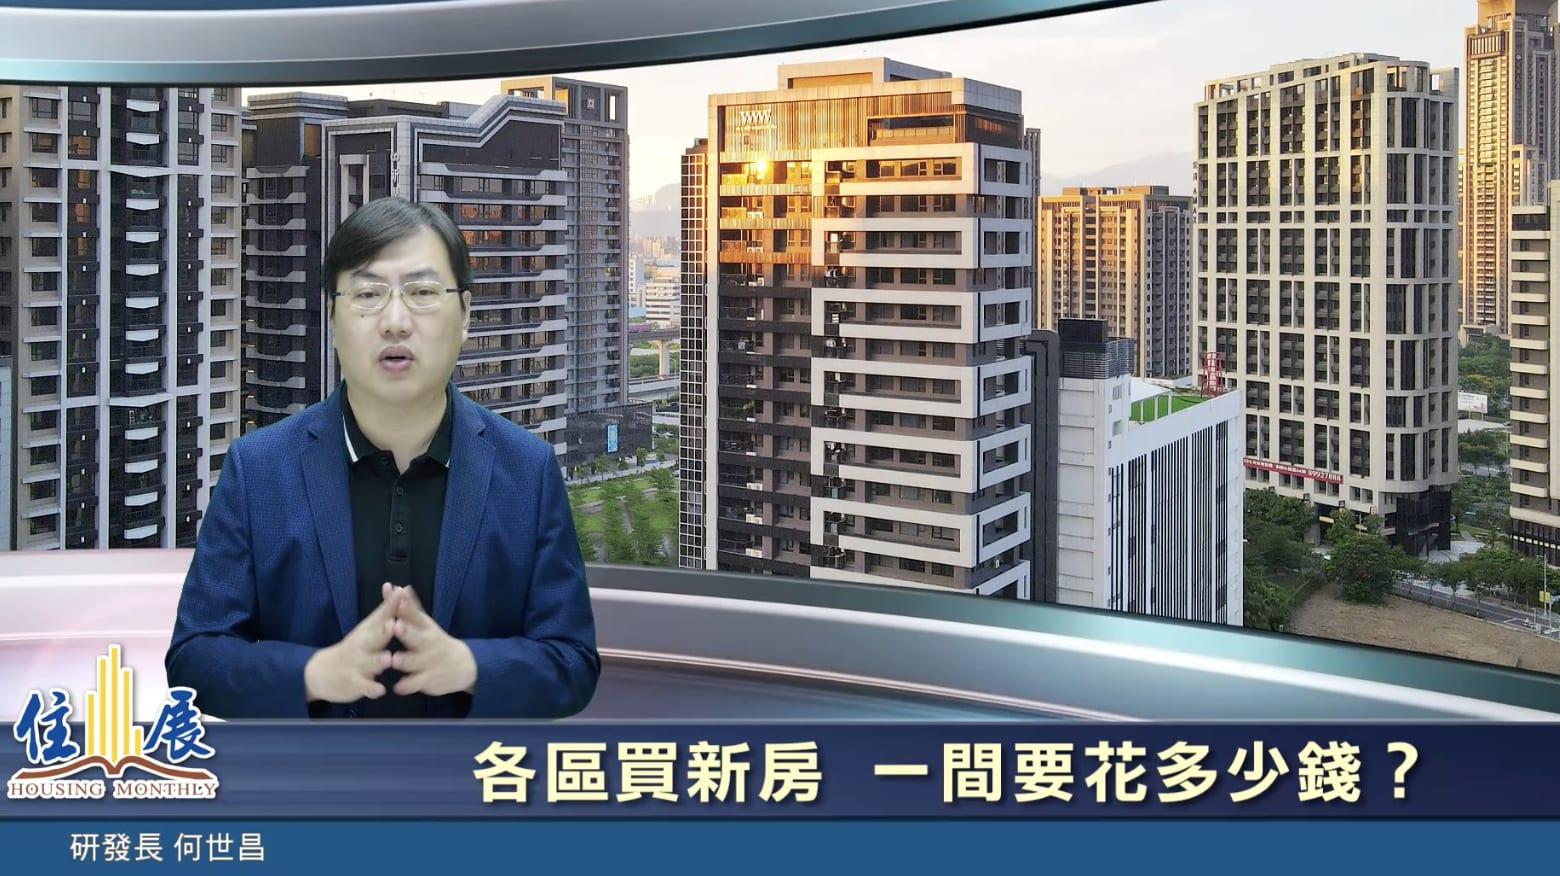 焦點新聞》區域豪宅奪魁戶 新建案鑲金門牌前十區